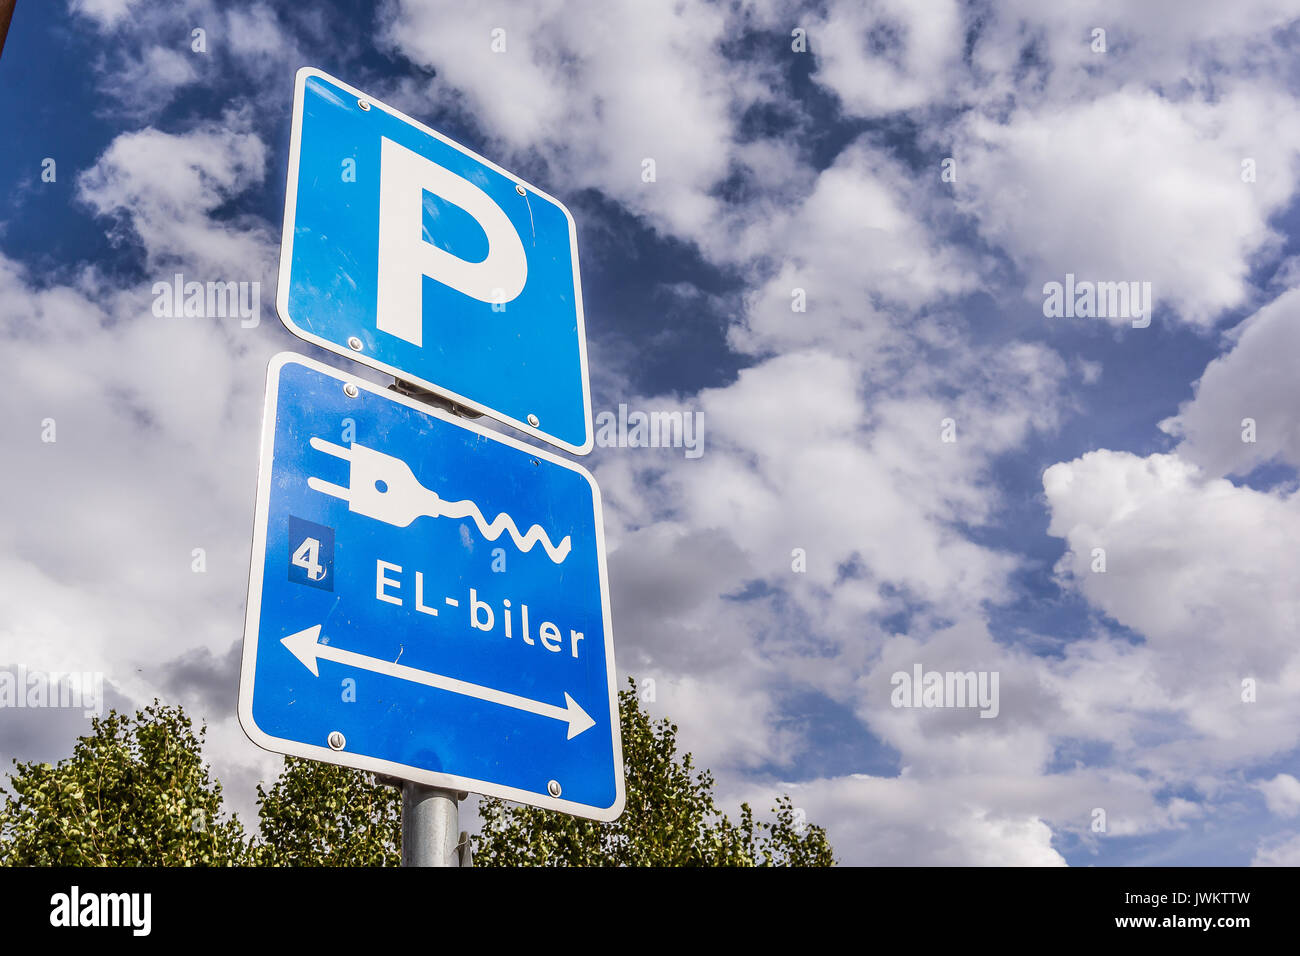 Tolle Automobile Elektrische Symbole Fotos - Elektrische Schaltplan ...